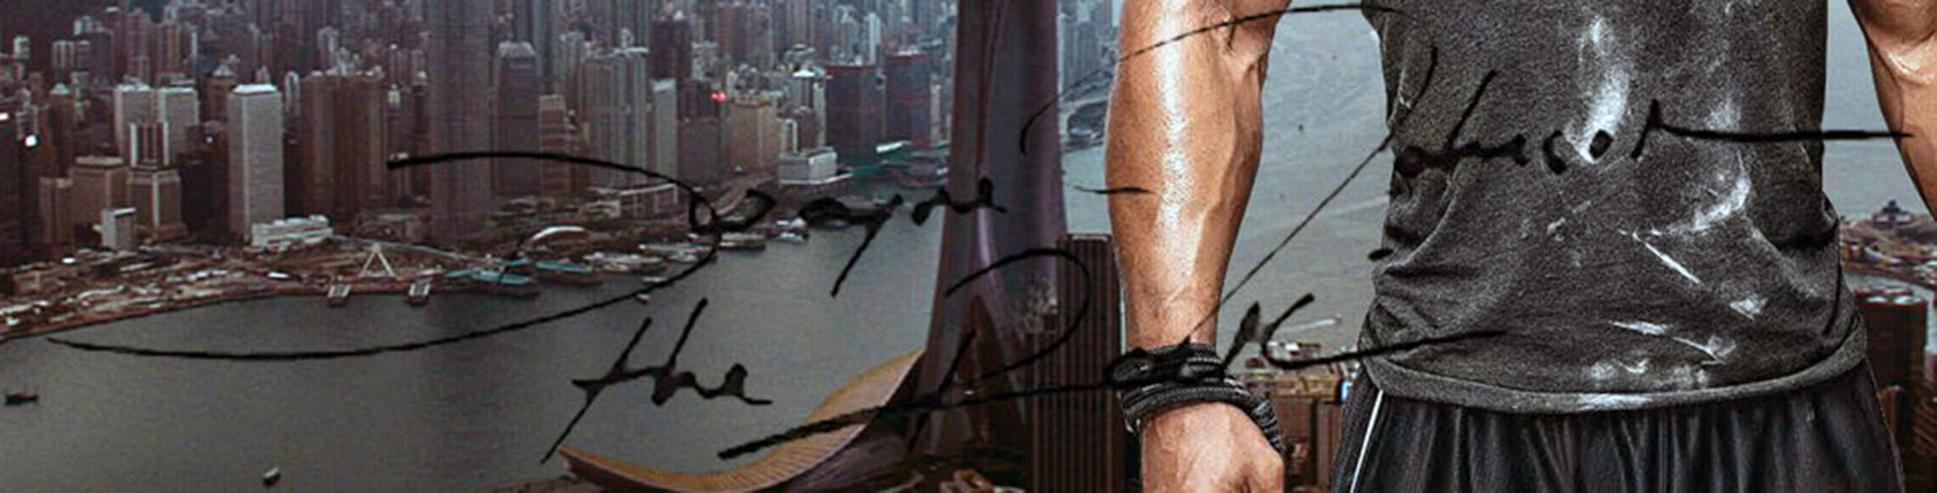 Bild 6: DWAYNE JOHNSON in Hongkong. Kunstdruck 45x30 cm. Souvenir.Raritär. MUSS MAN HABEN!